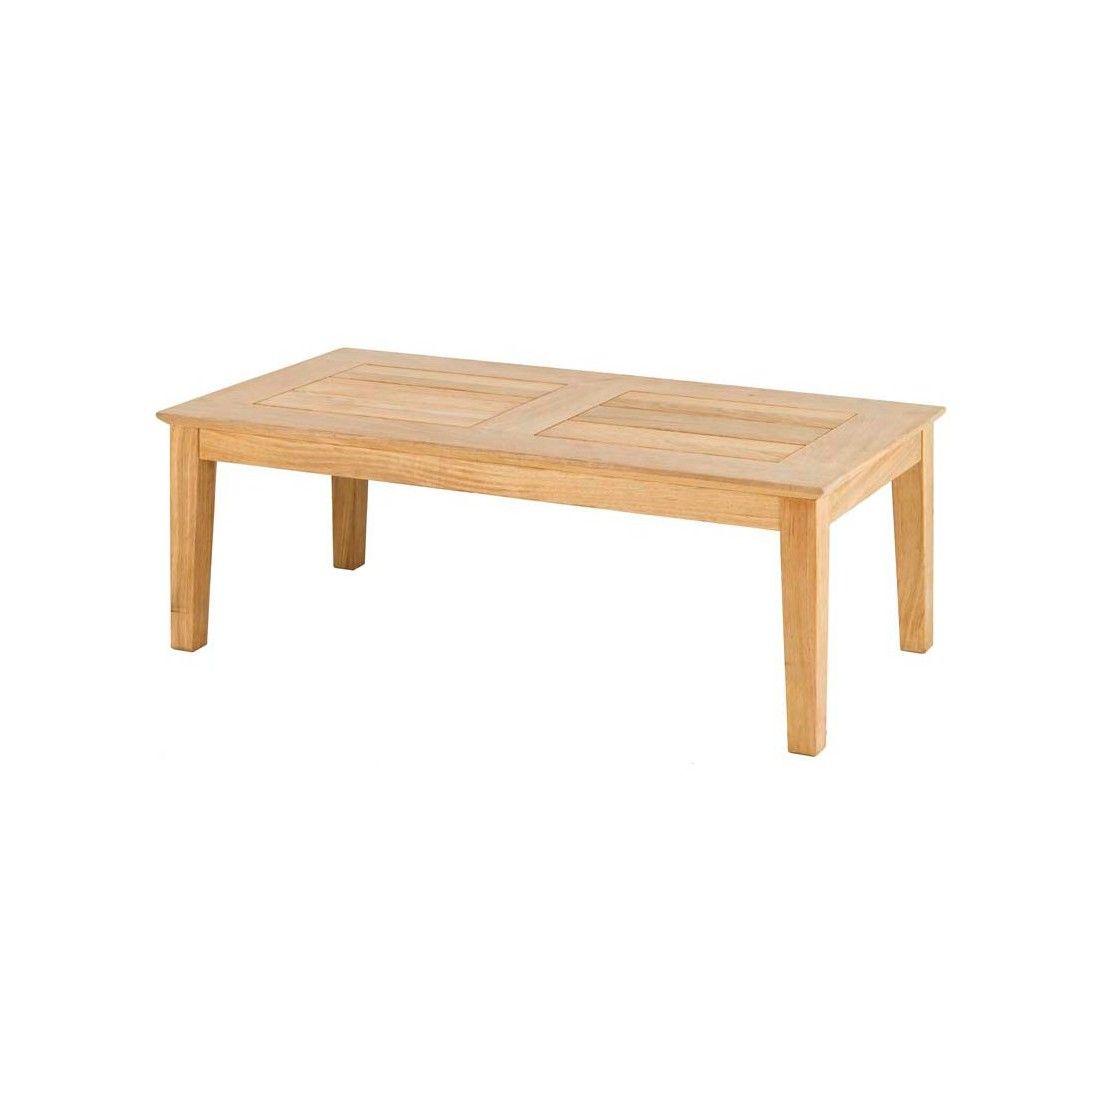 Table basse en bois pour salon de jardin haut de gamme